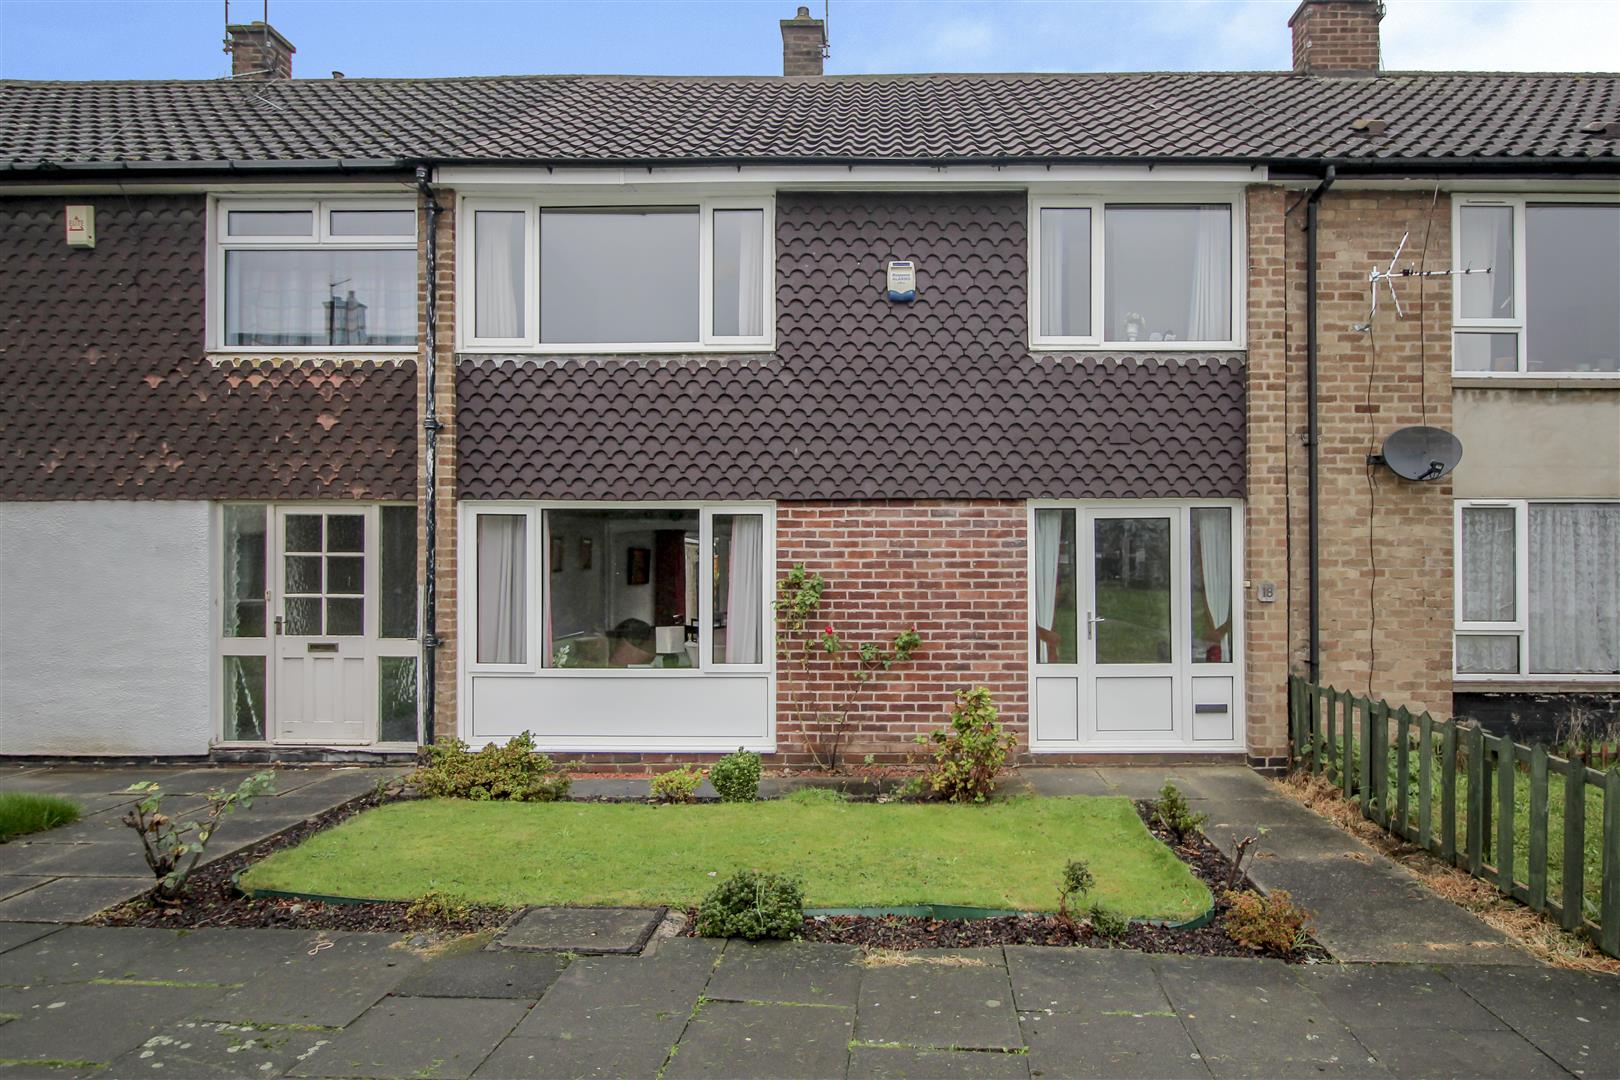 3 Bedrooms Terraced House for sale in Radburn Court, Stapleford, Nottingham